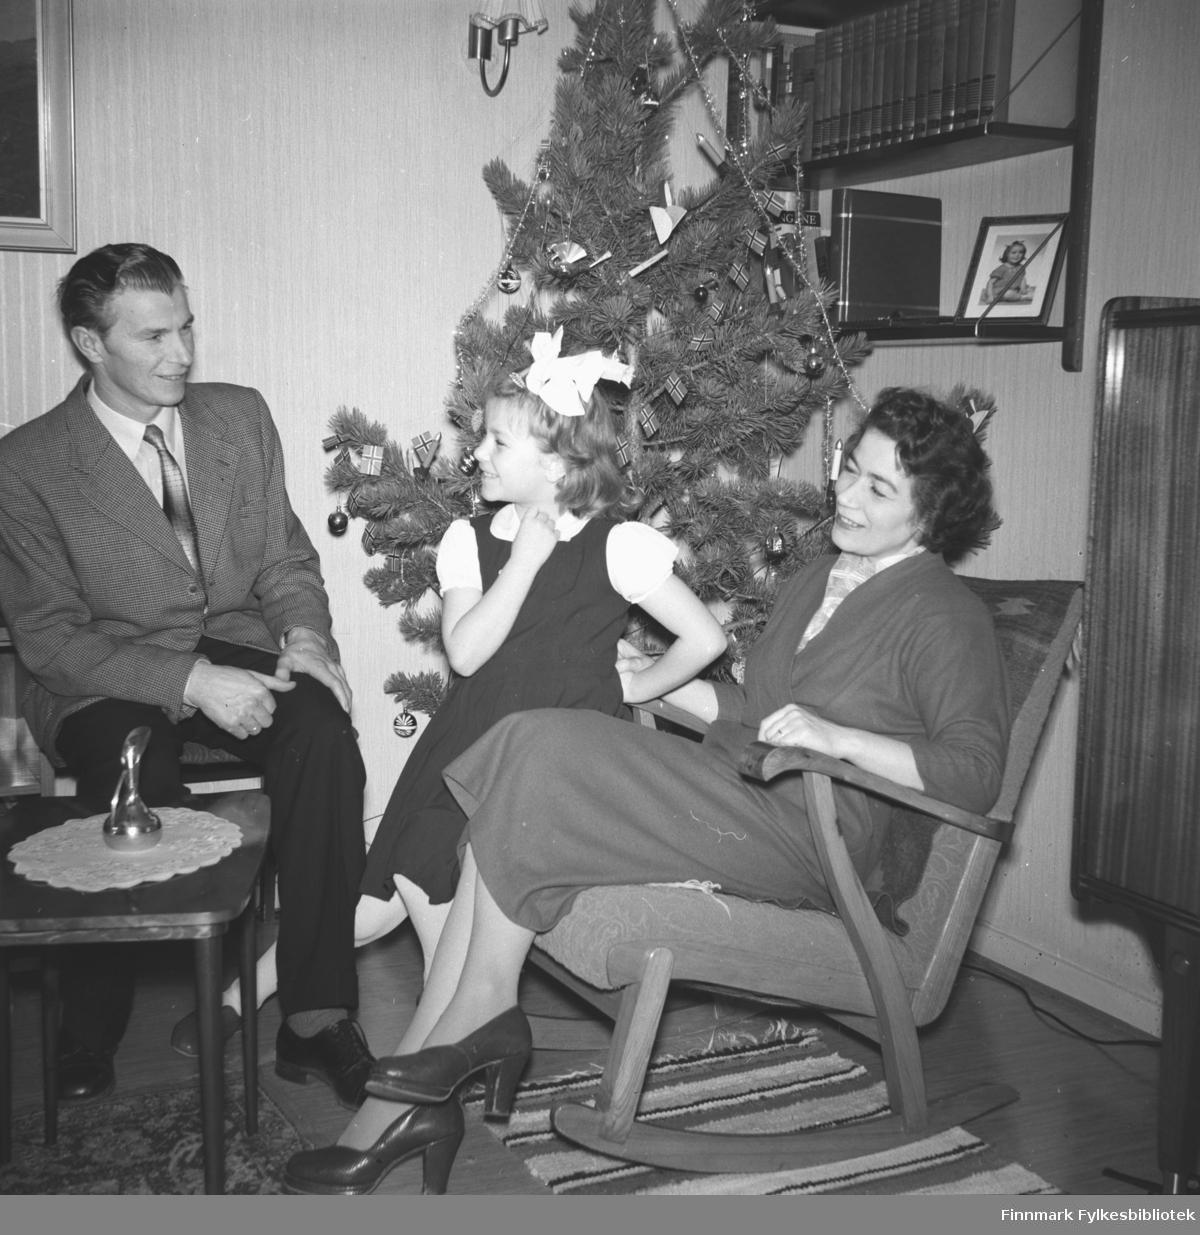 Familieportrett av Eino, Turid Lillian og Jenny Drannem ved juletre, tatt i jultiden i stua